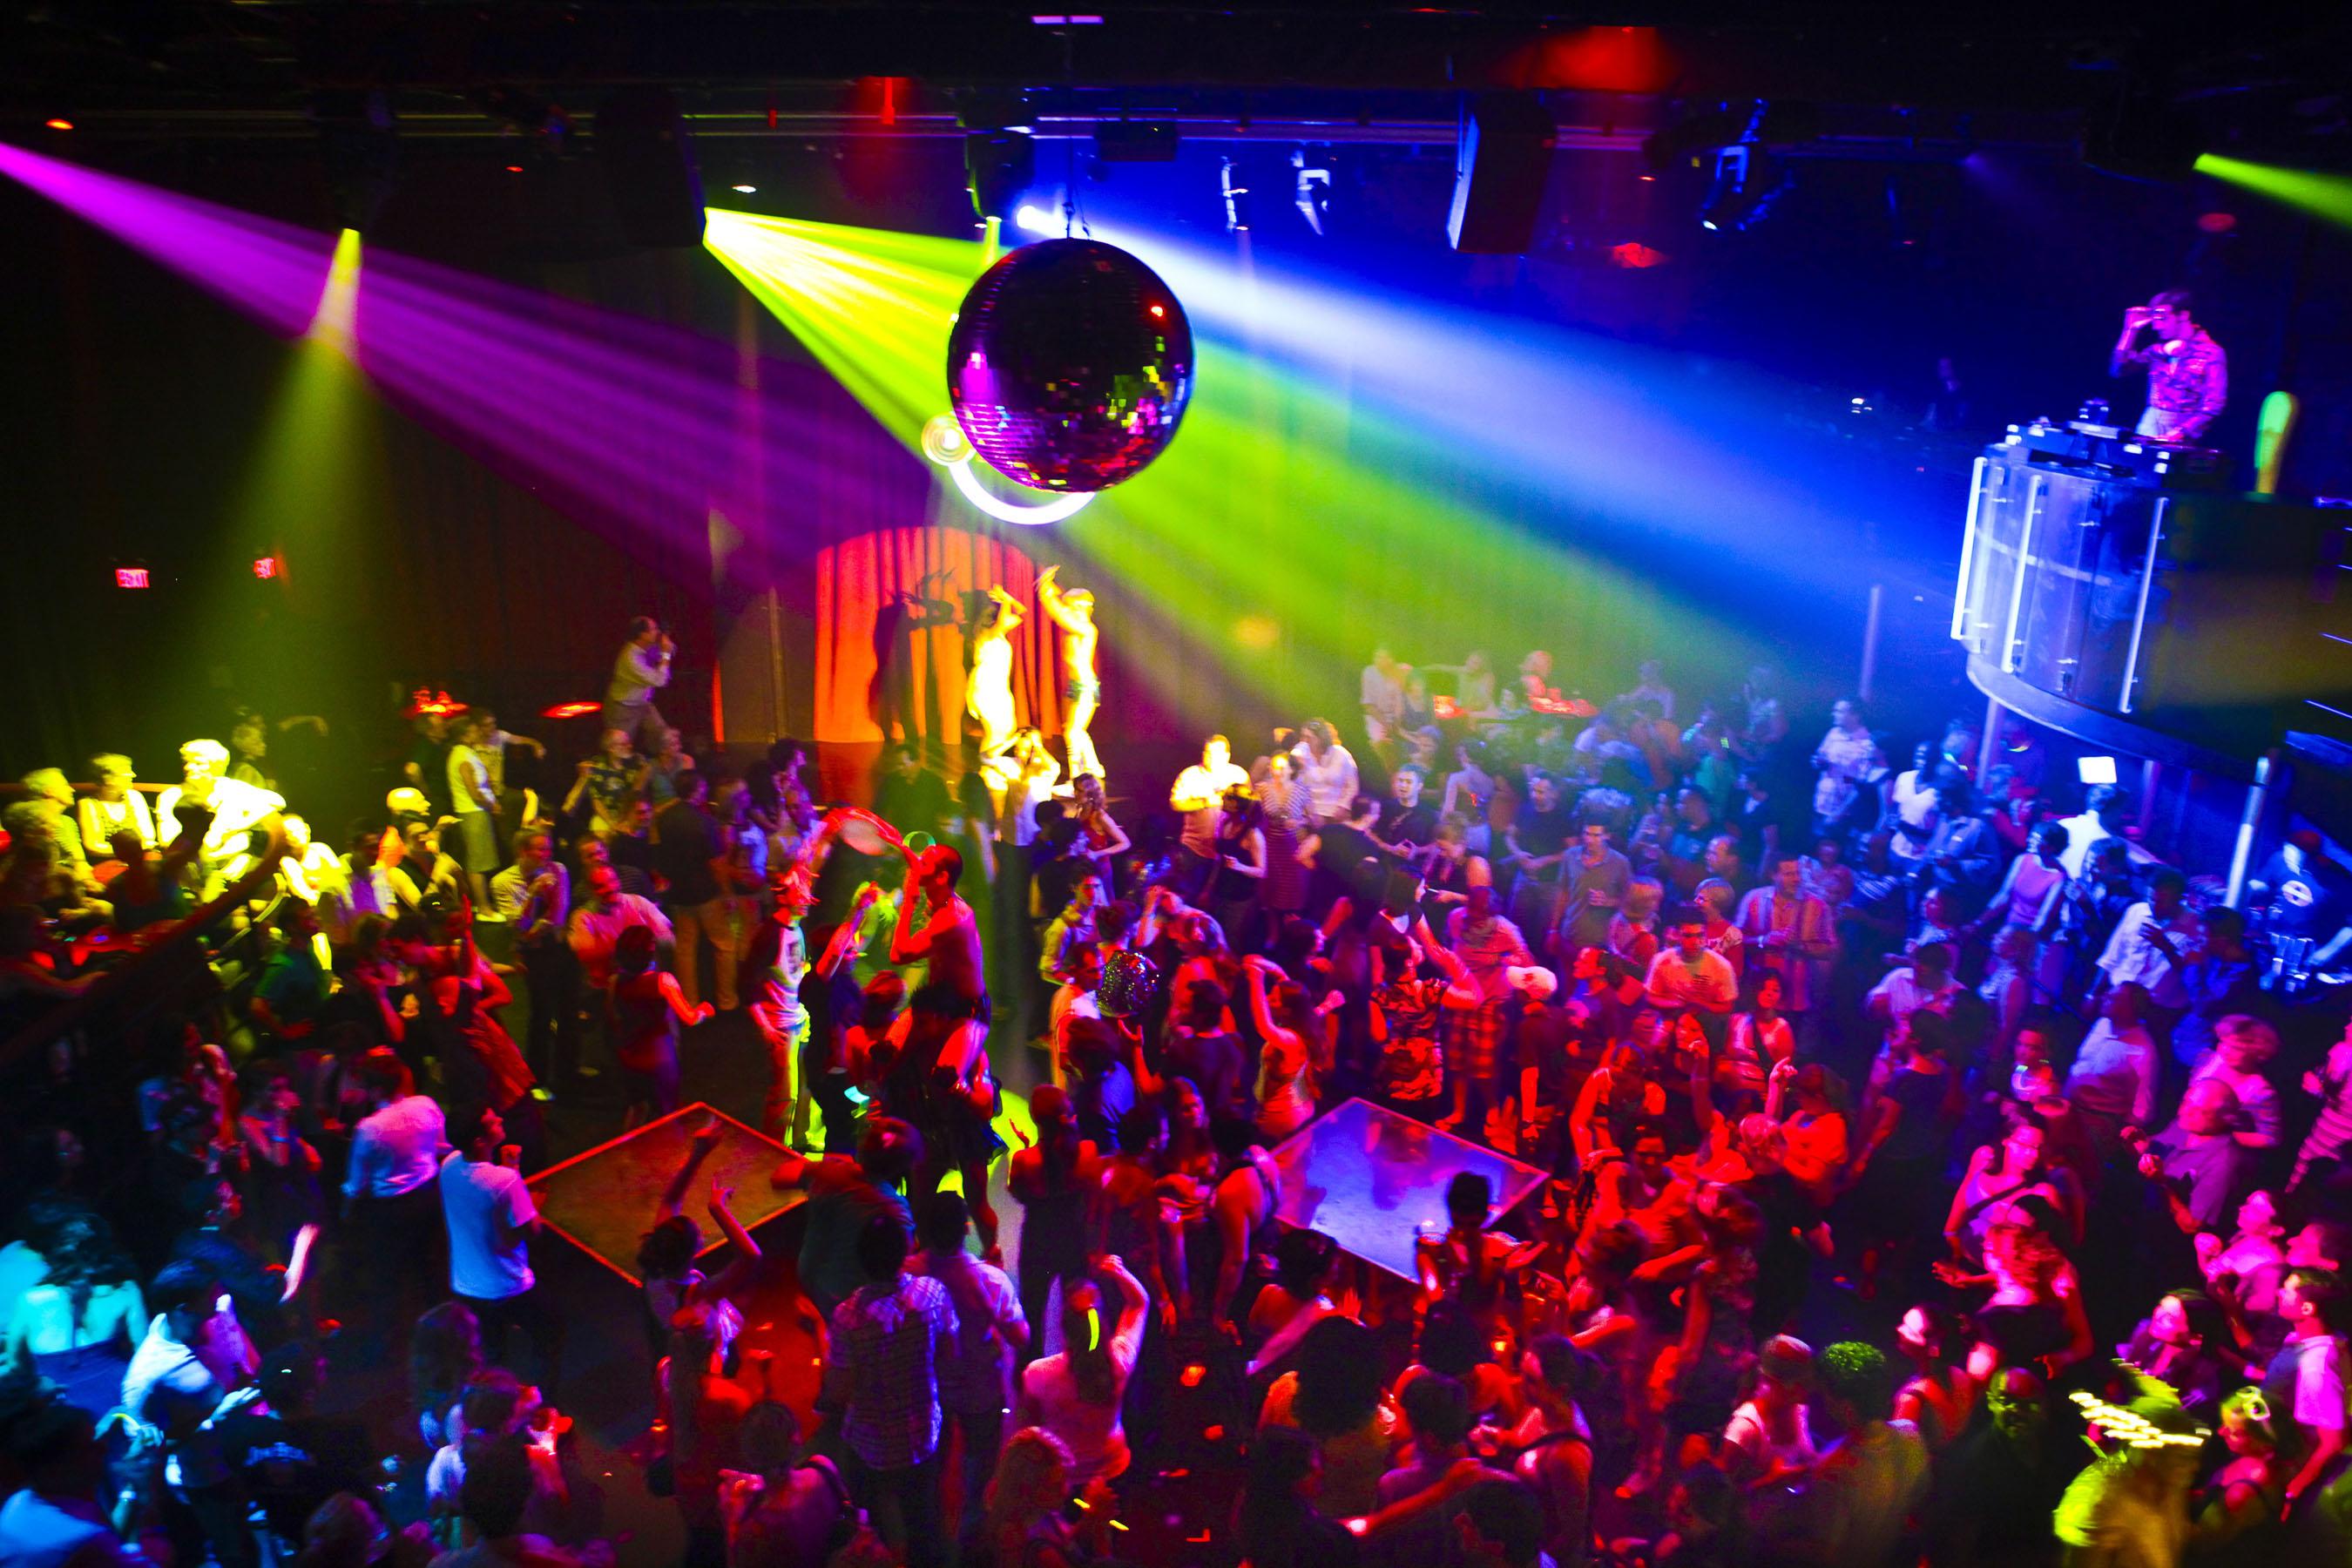 Света корда в клубе 23 фотография